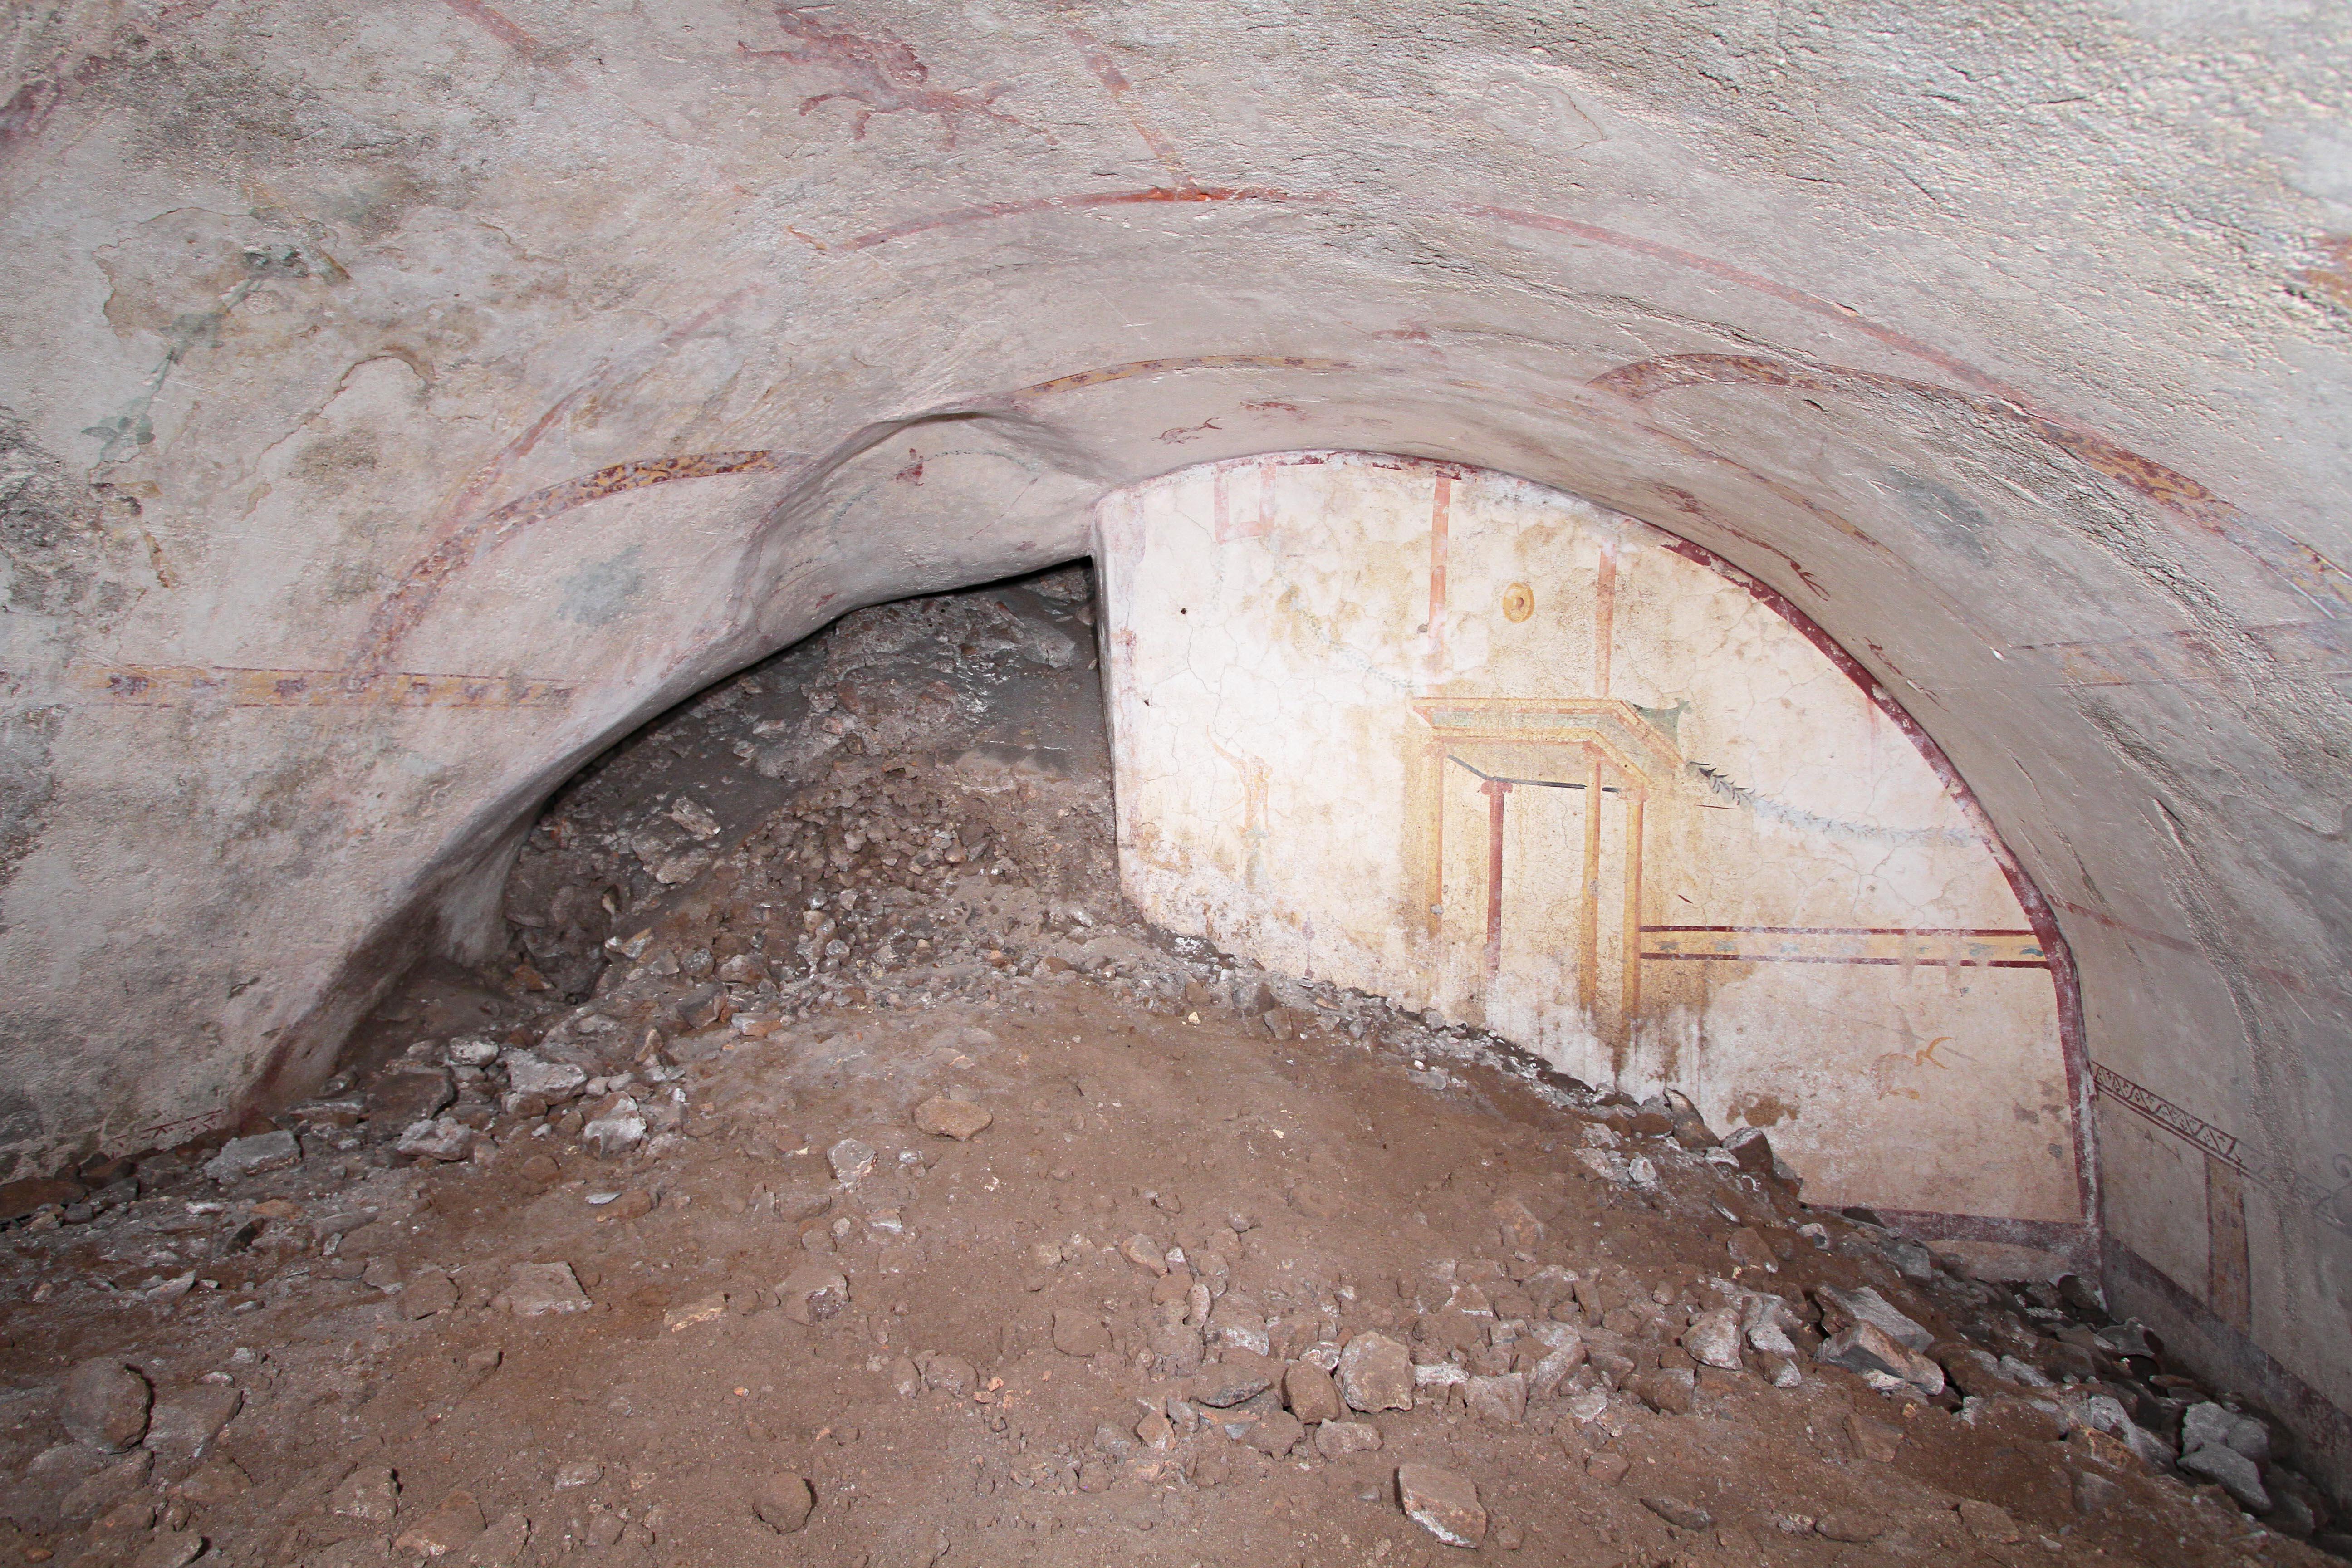 В подземном дворце Нерона возле Колизея обнаружили скрытую комнату